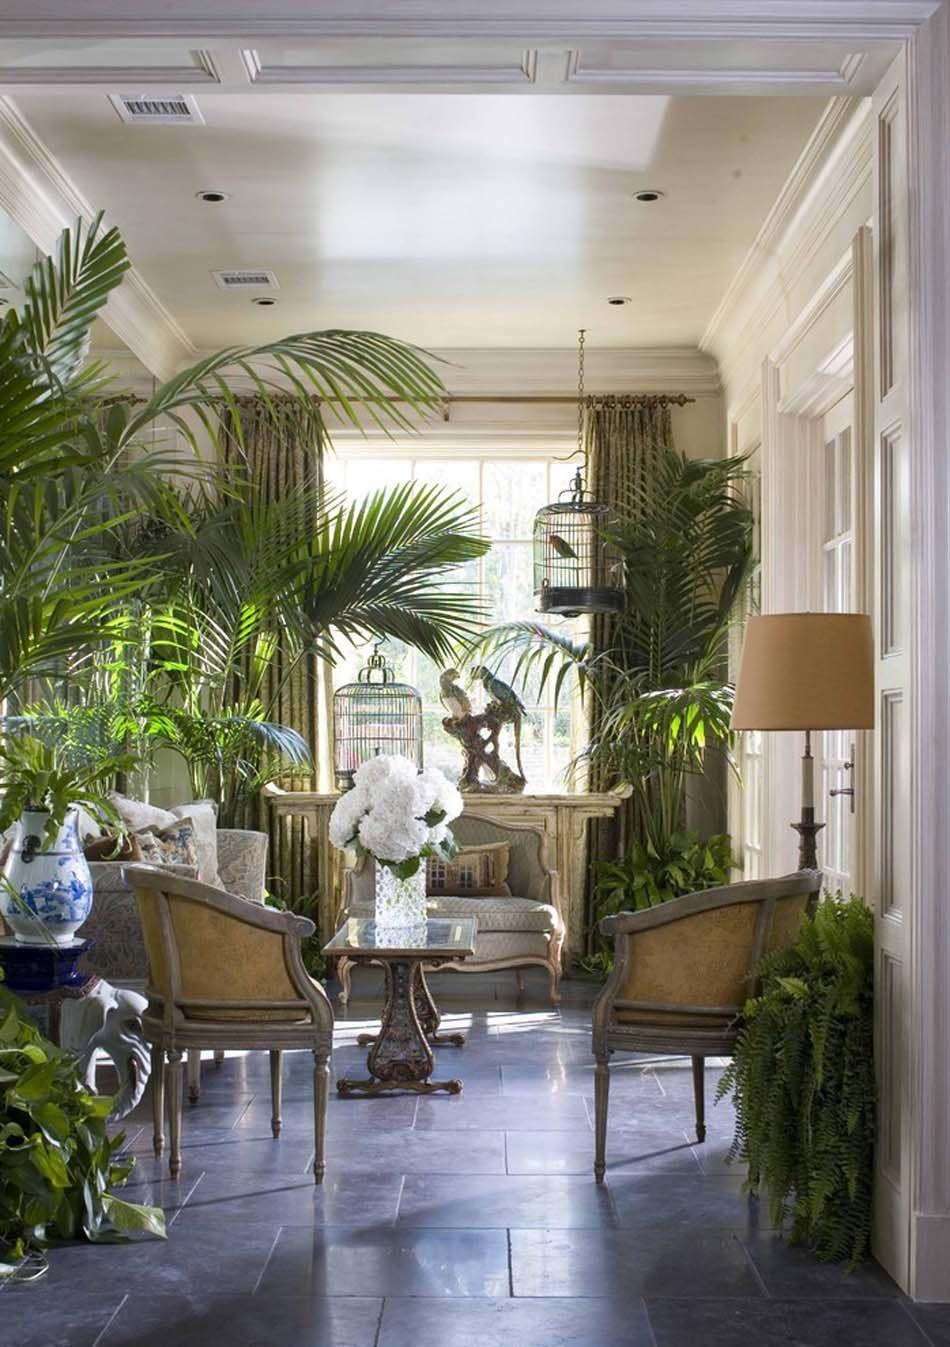 un style rtro chic du salon inspir par lpoque coloniale britannique